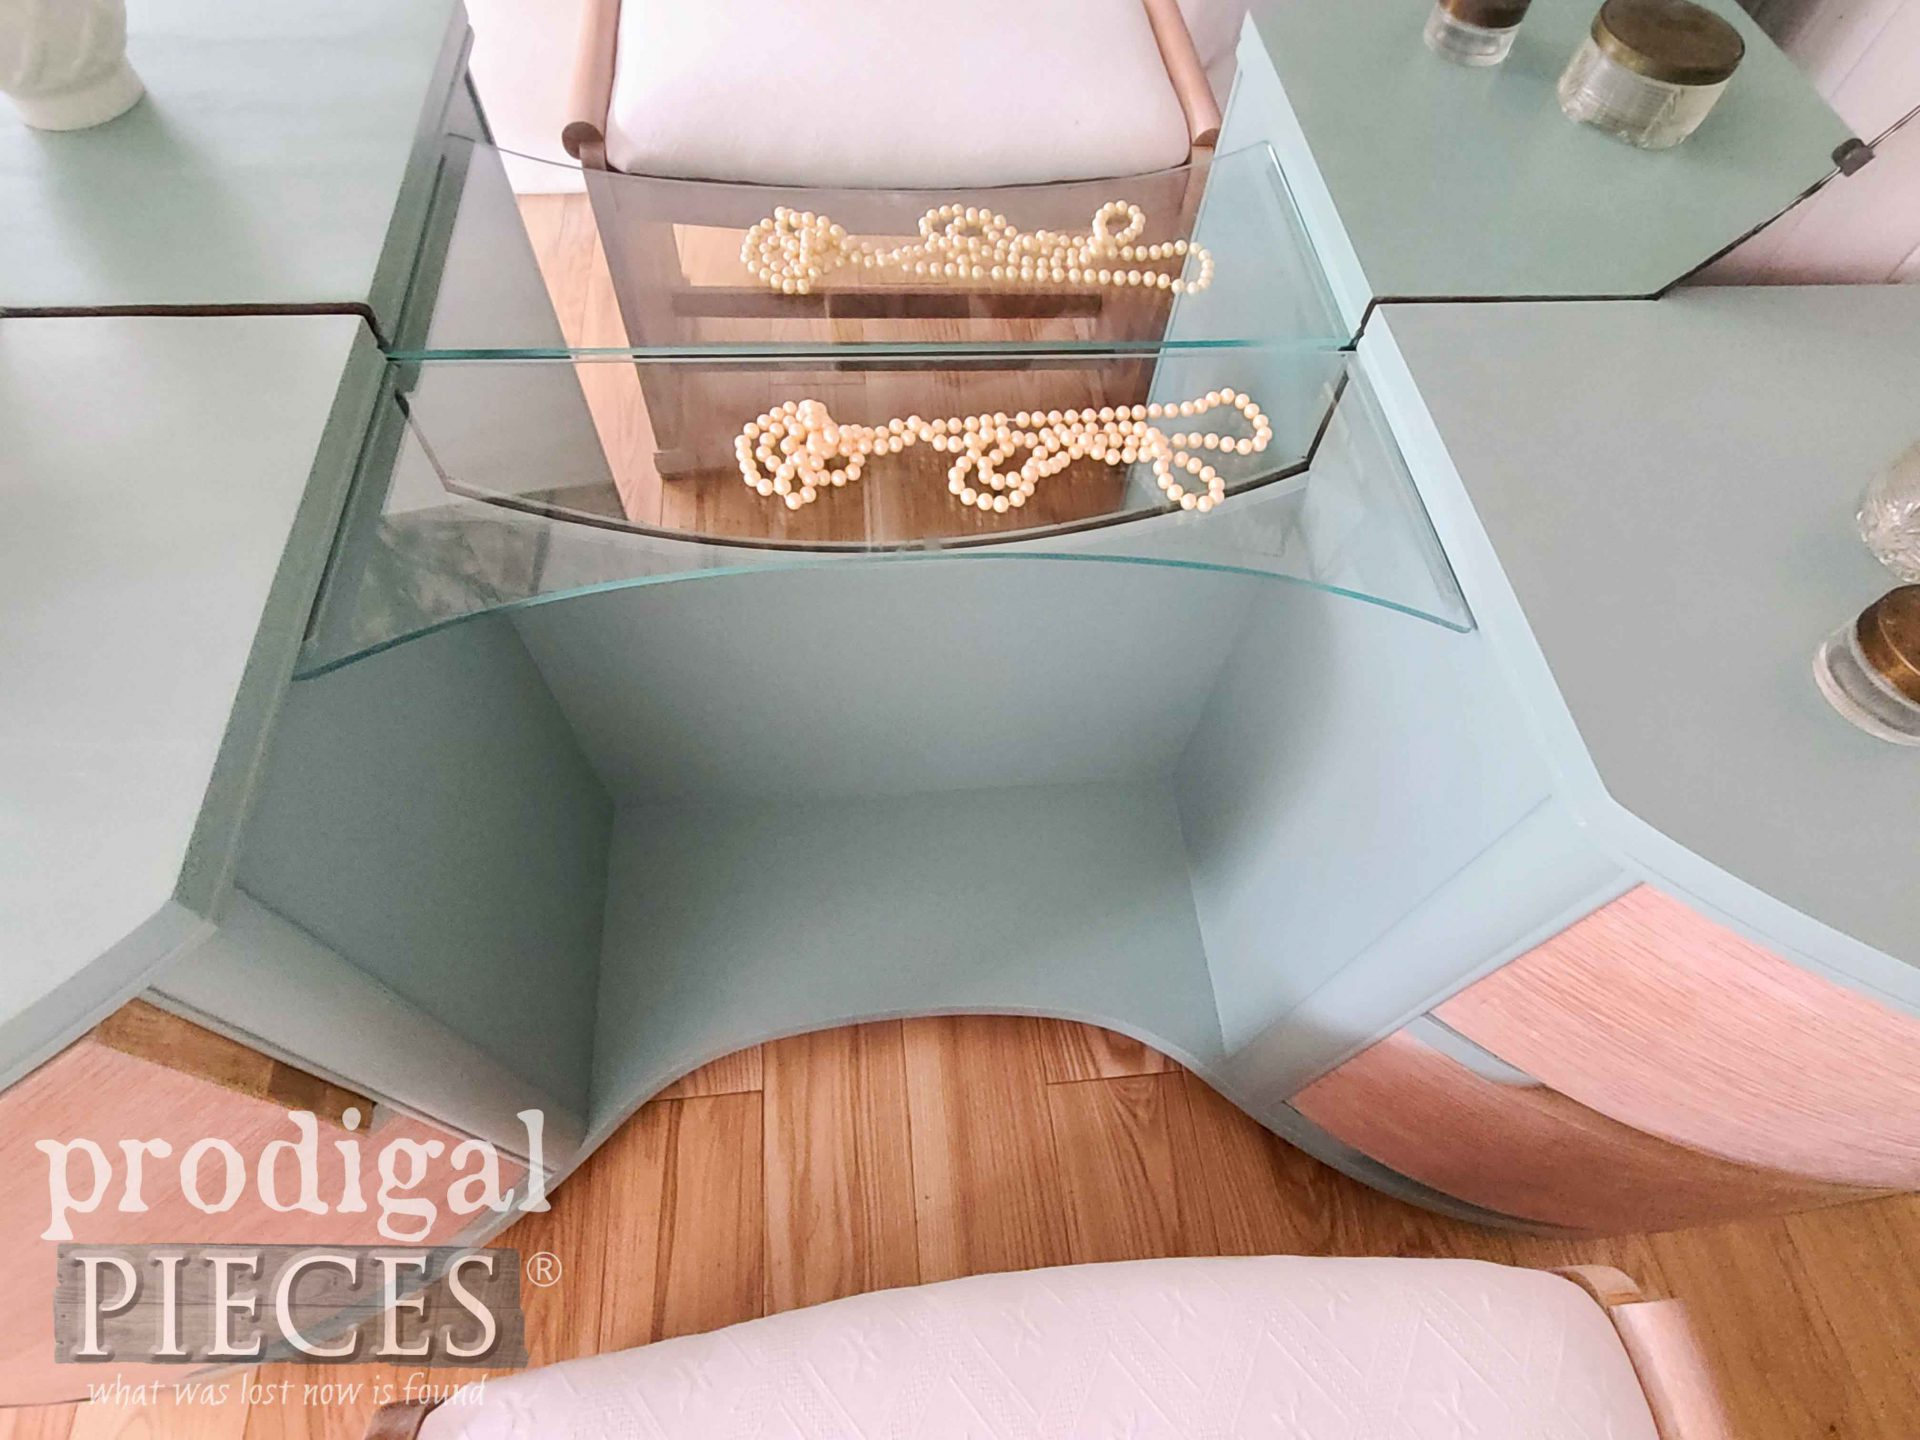 Art Deco Dressing Table with Curved Glass Shelf by Prodigal Pieces | prodigalpieces.com #prodigalpieces #vintage #artdeco #diy